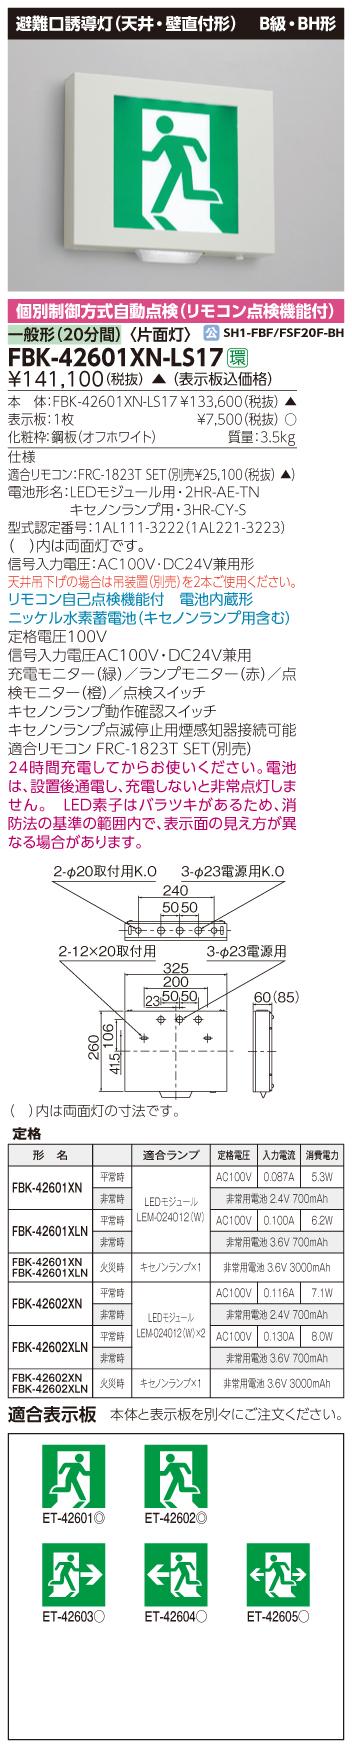 【法人様限定】東芝 FBK-42601XN-LS17 LED誘導灯 天井・壁直付形 天井吊下形 点滅形 電池内蔵 片面 B級BH形 一般形 【表示板別売】